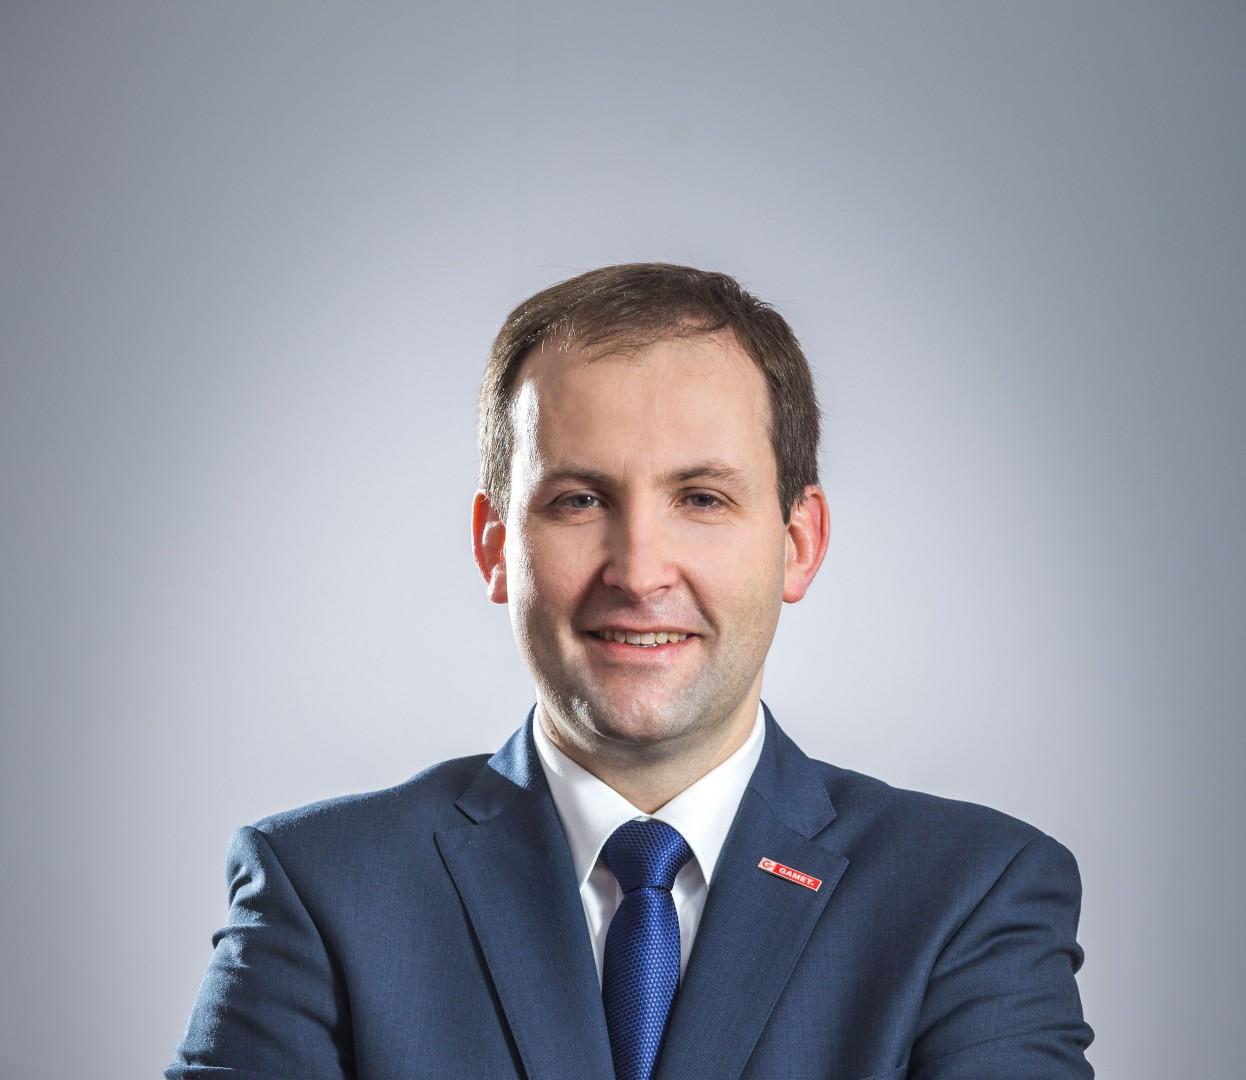 Paweł Szczepkowski